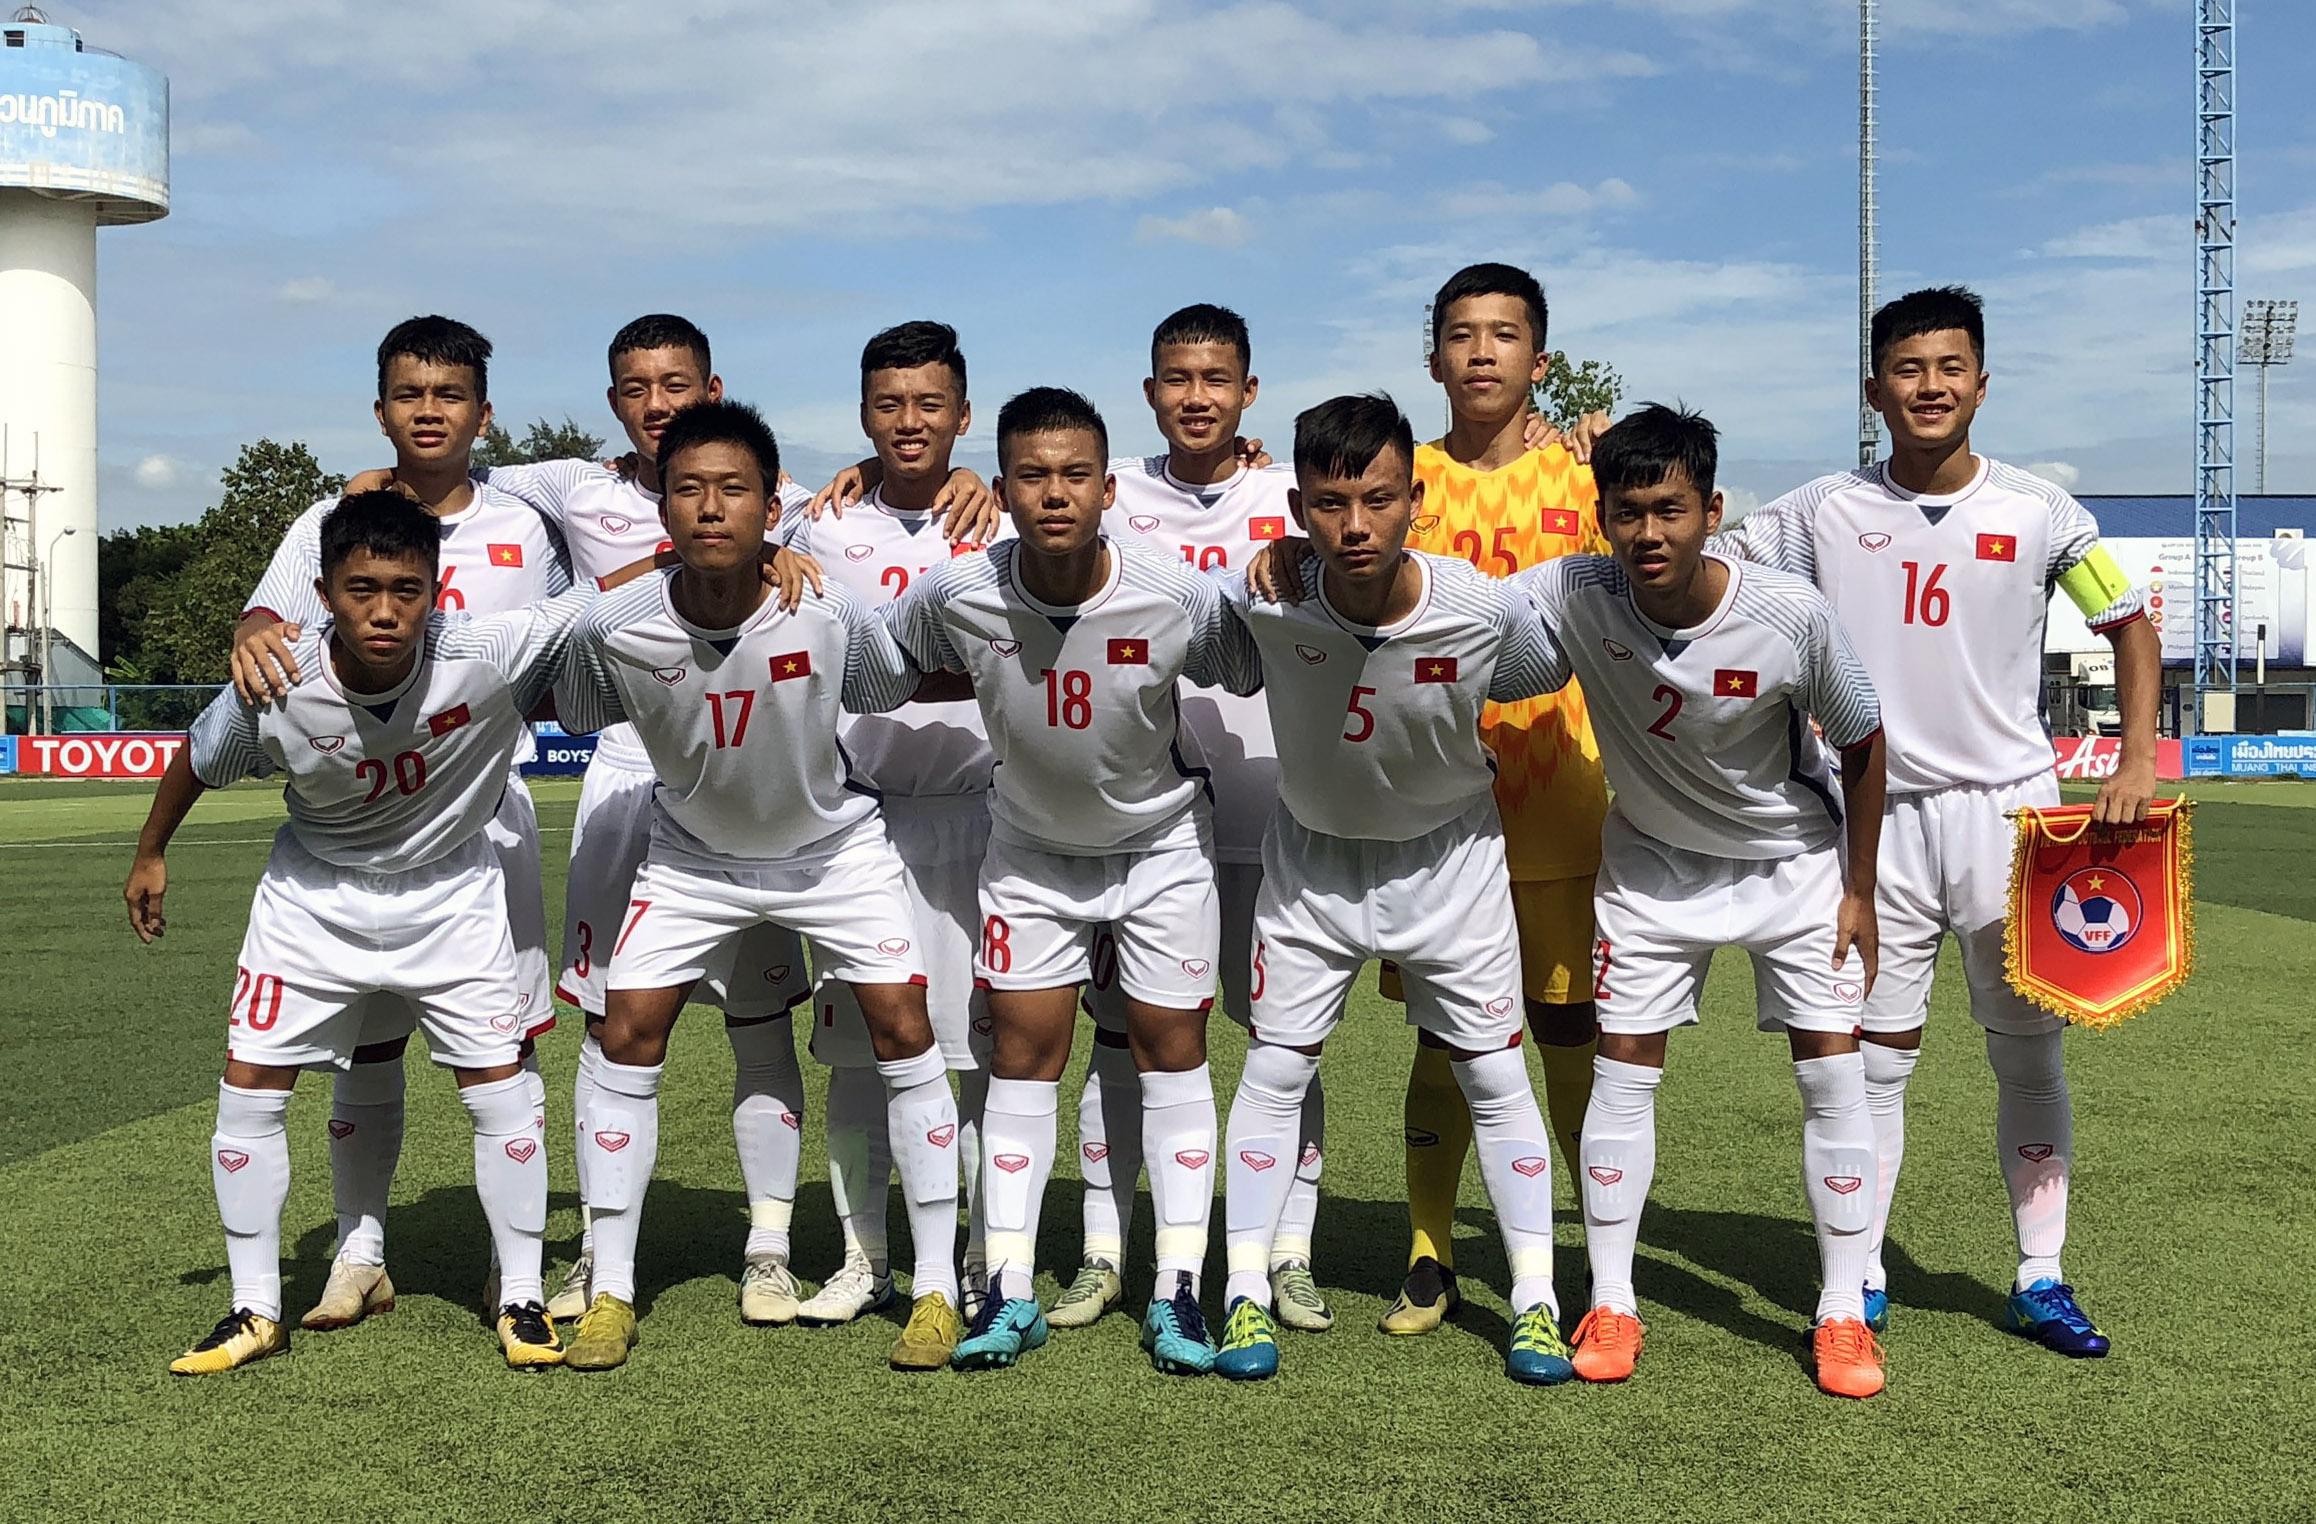 Giải vô địch U15 Đông Nam Á 2019, Việt Nam vs. Singapore: 1-0